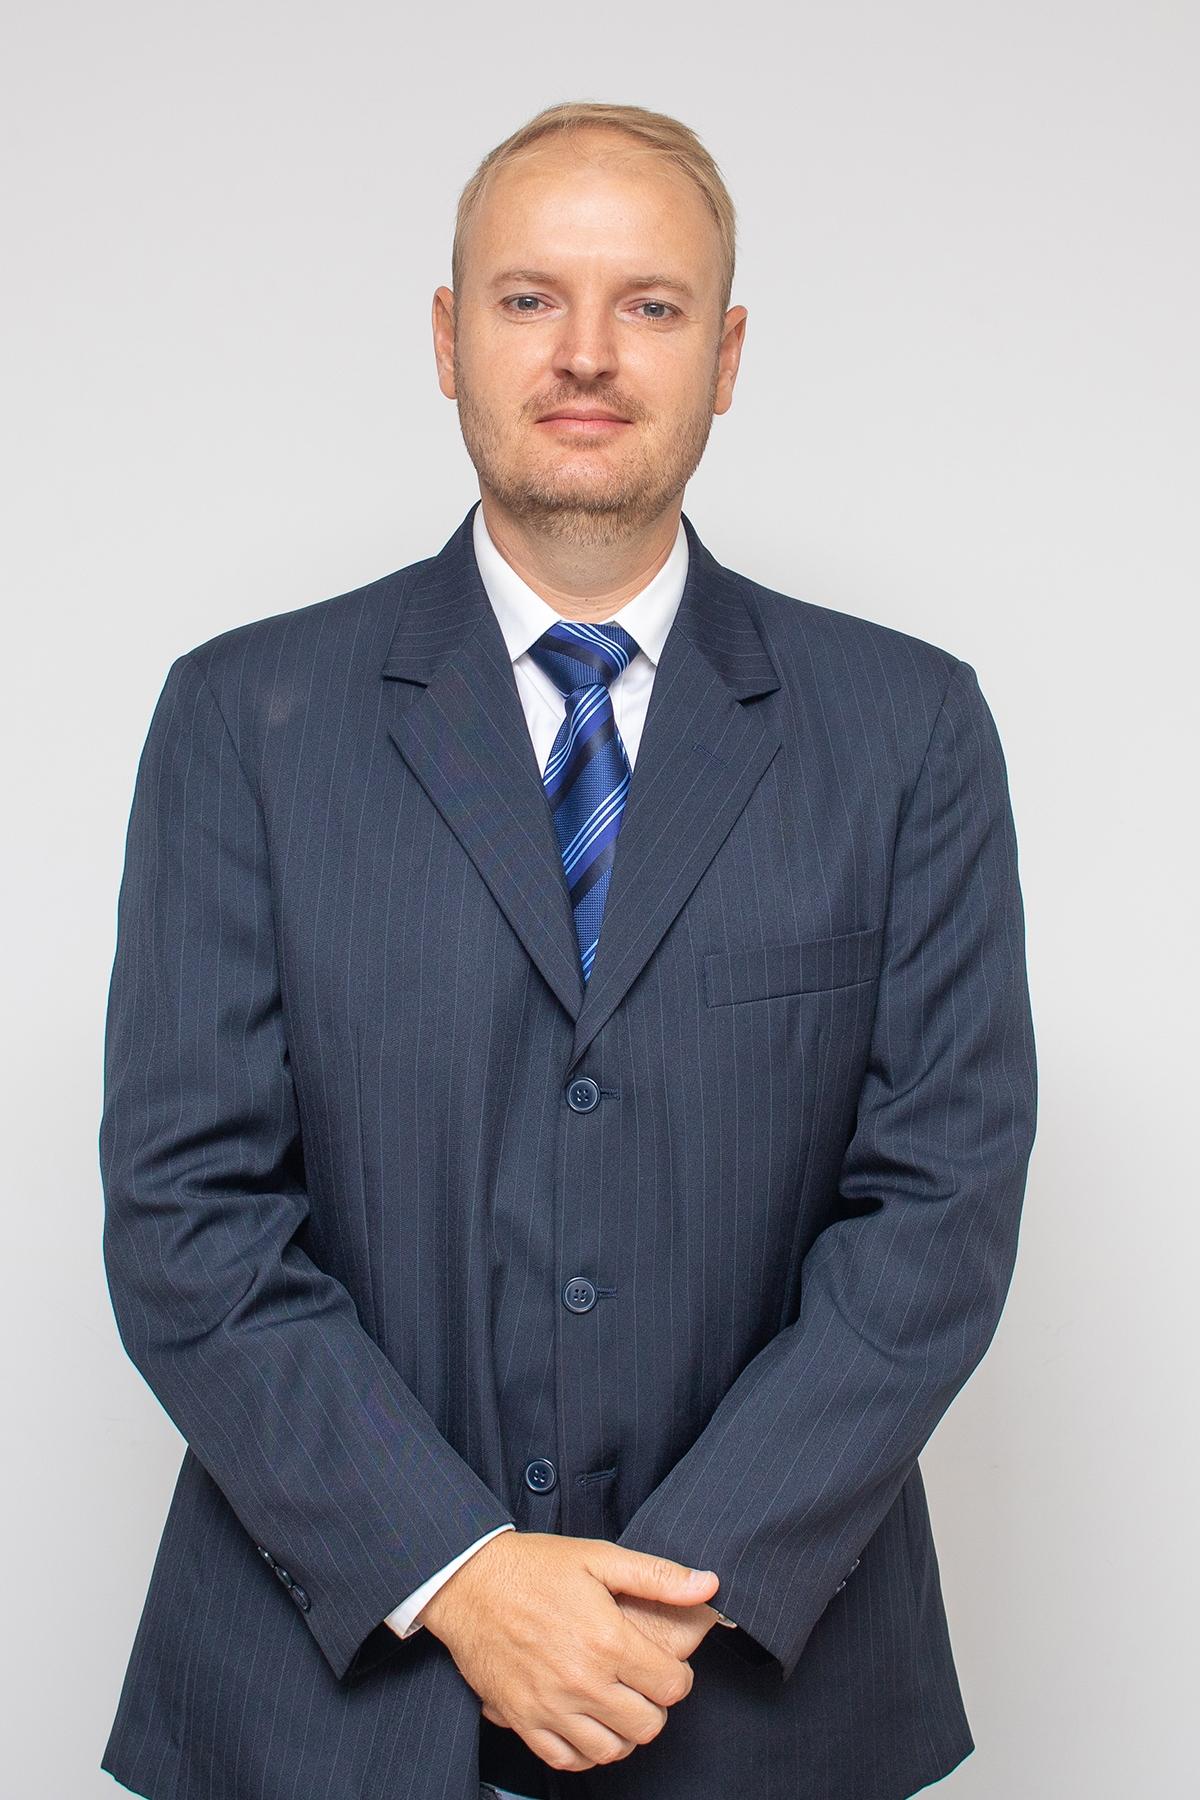 Guilherme Augusto Volkweis